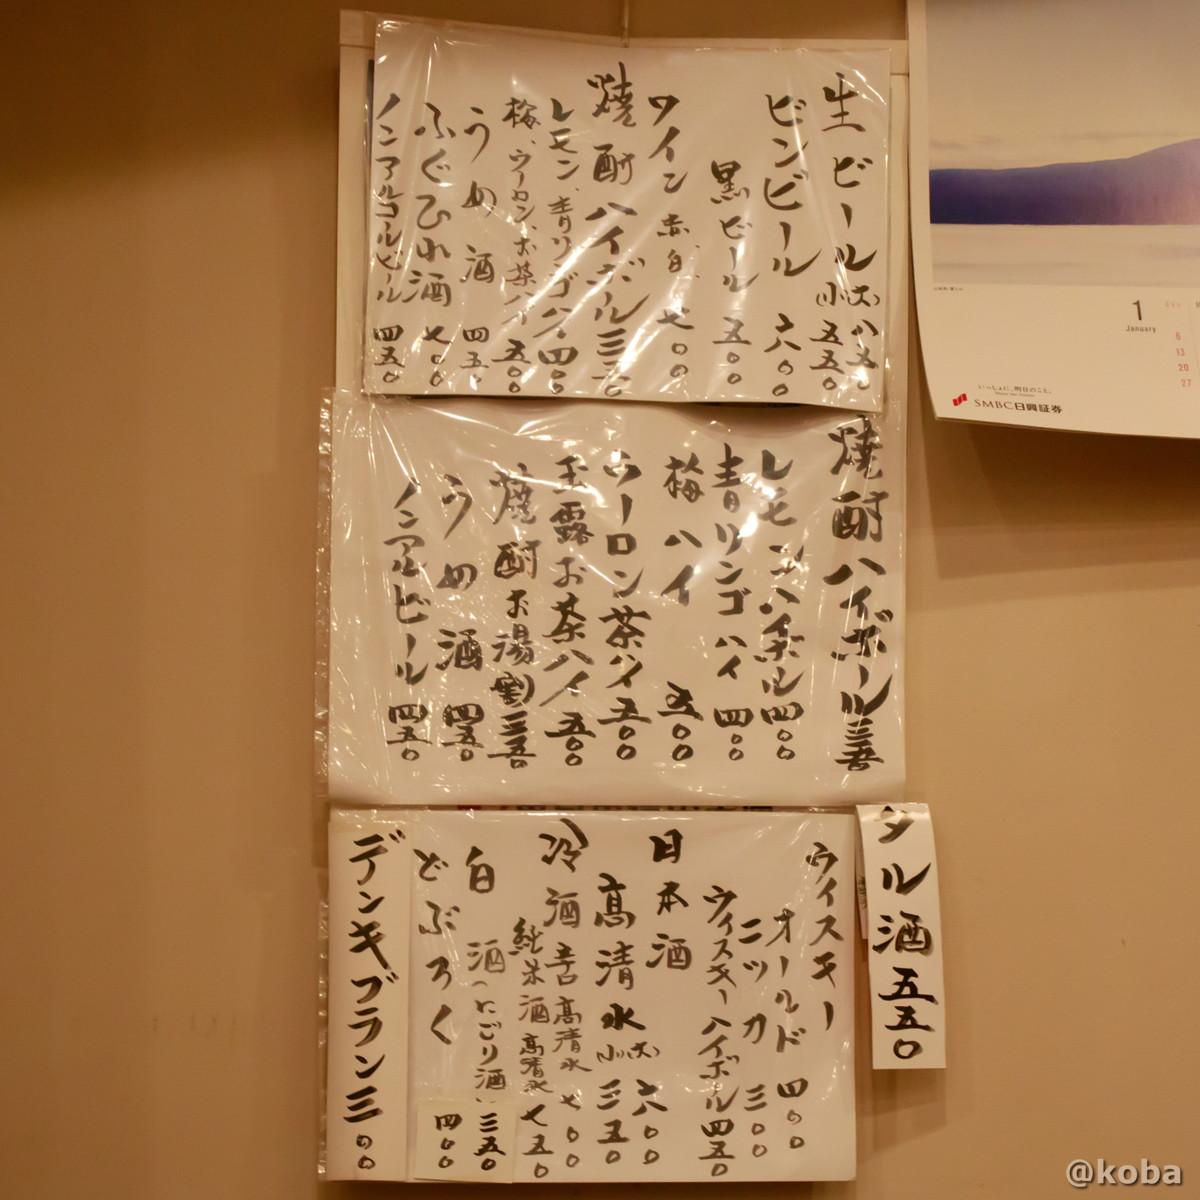 飲み物メニューの写真│大衆割烹 ゑびす(えびす)居酒屋 和食│東京葛飾区 四ツ木